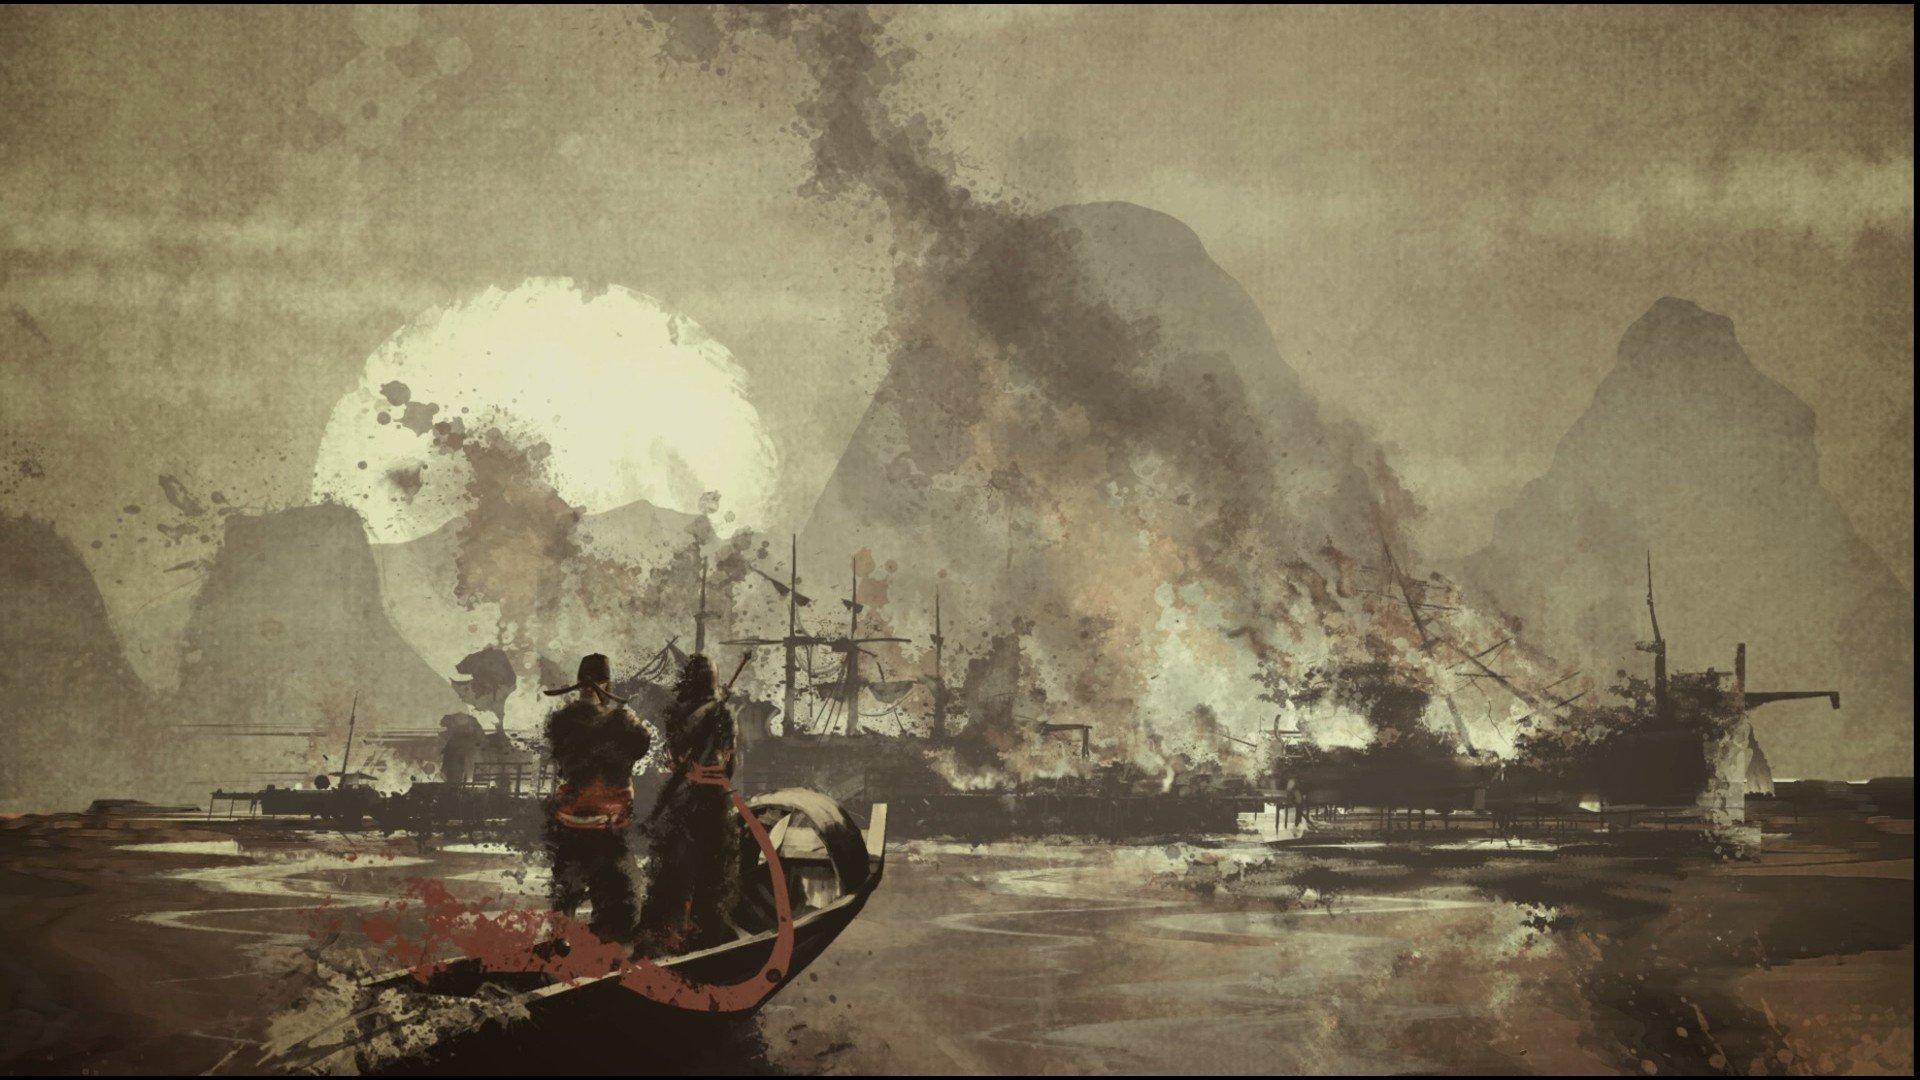 Рецензия: Assassin's Creed Chronicles China. - Изображение 3